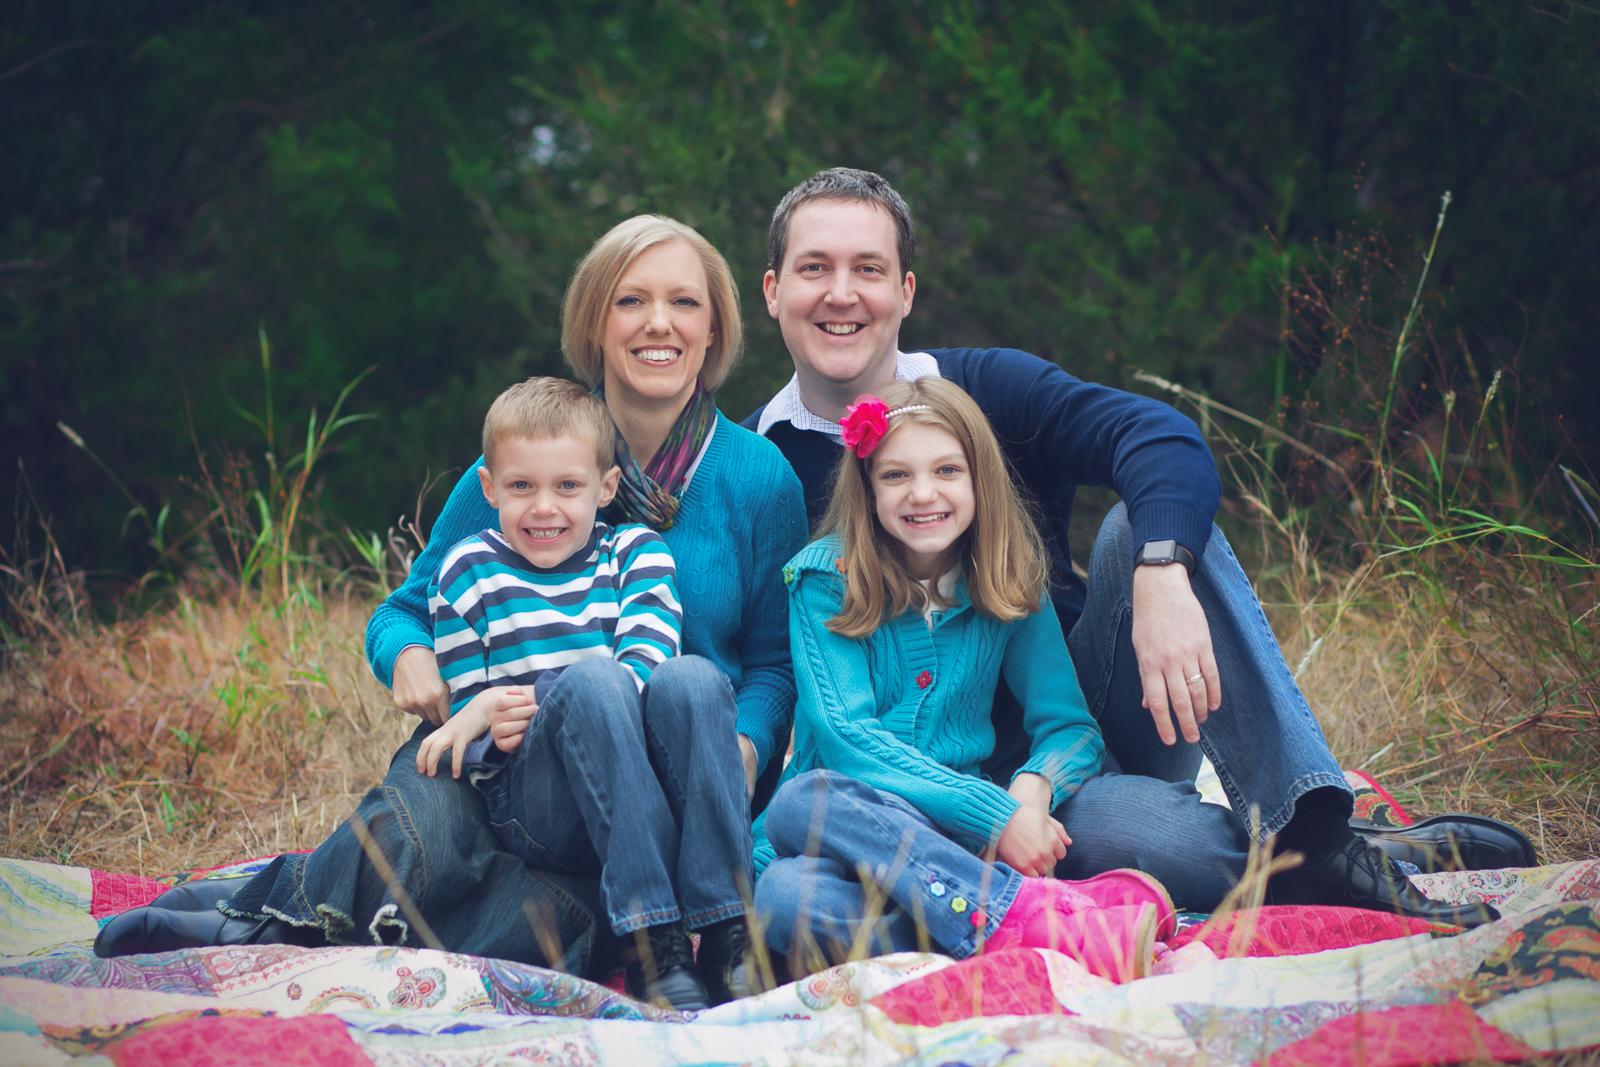 family-outdoors-light-portraits-138.JPG